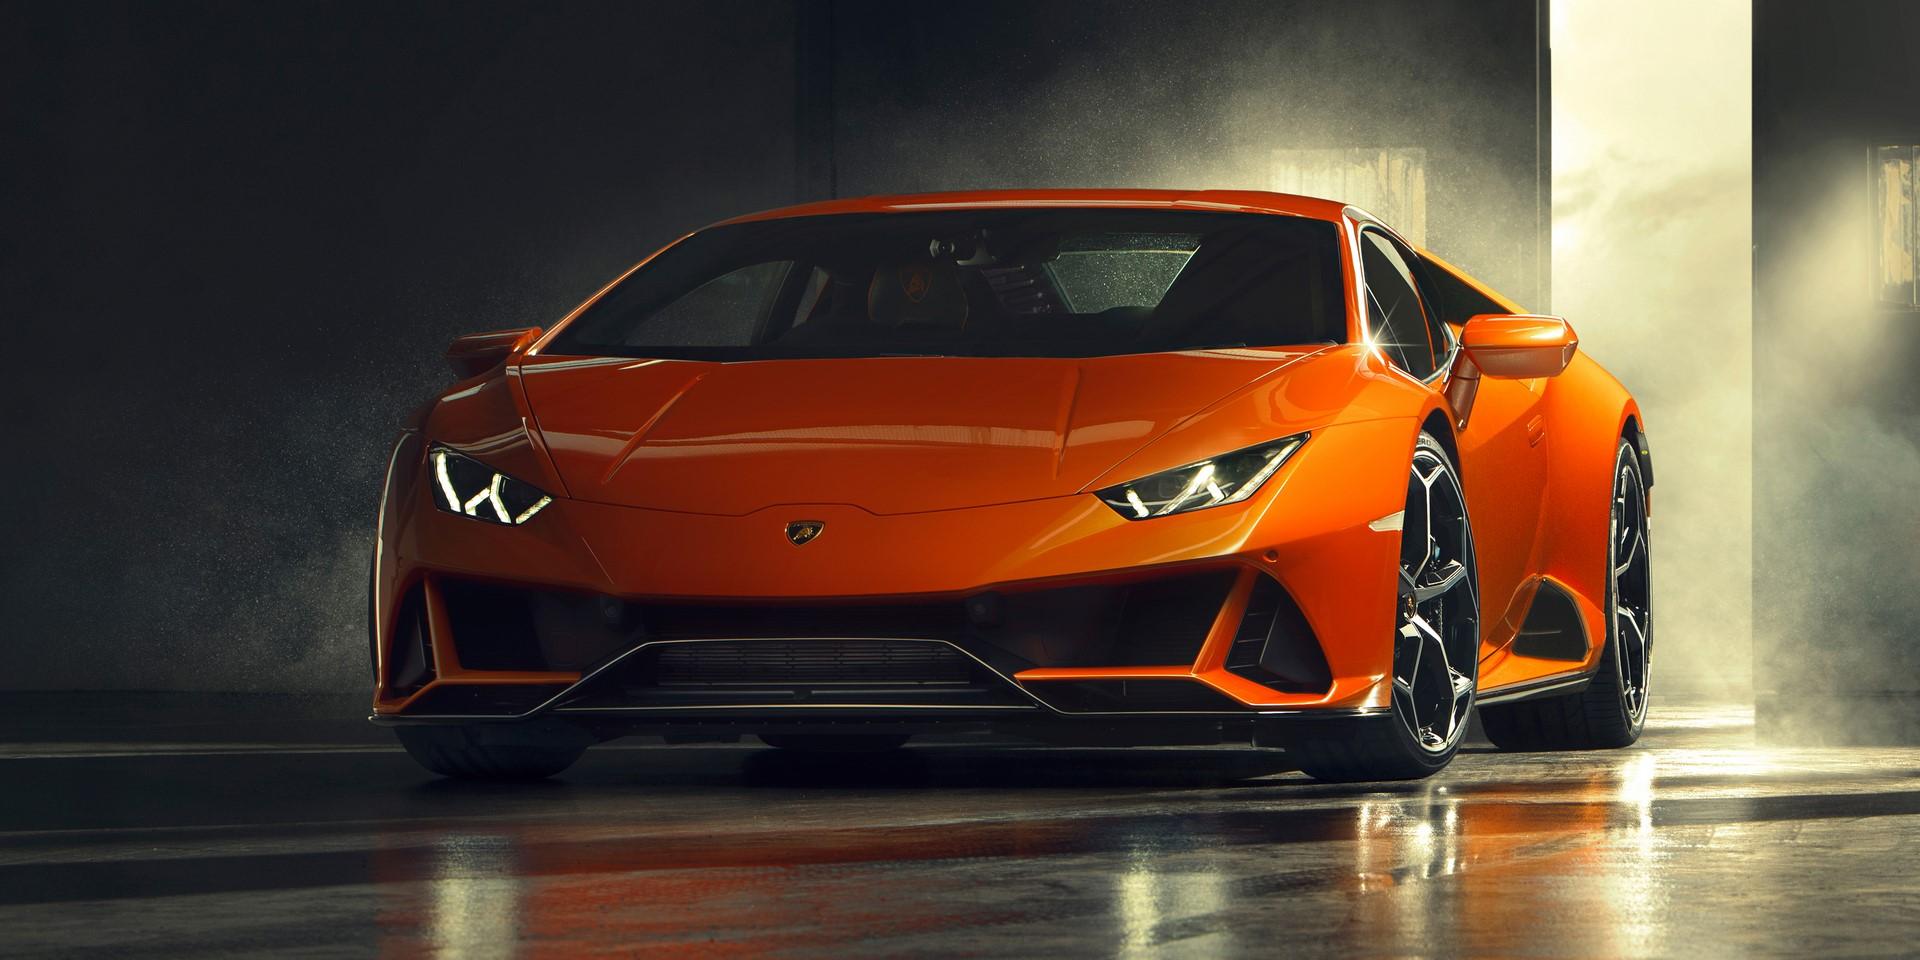 Lamborghini Huracan Evo 2019 (29)